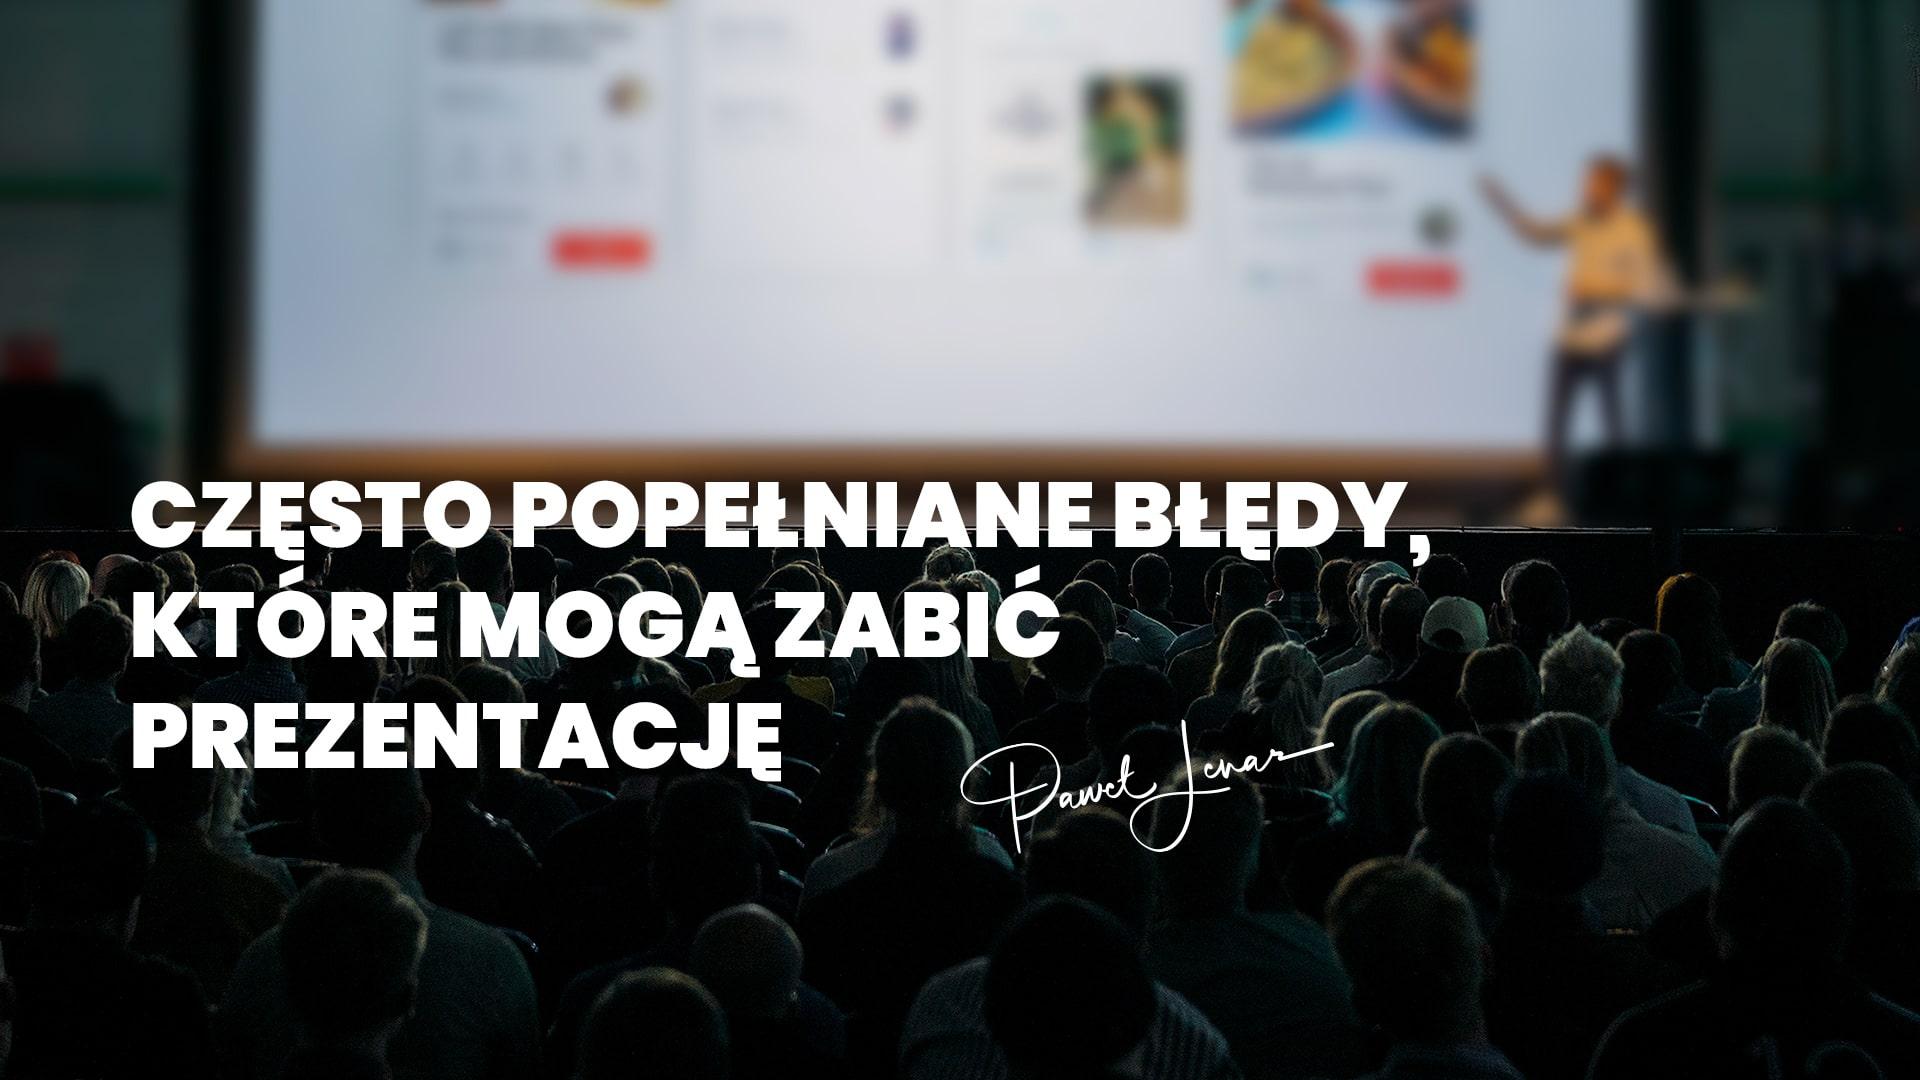 Często popełniane błędy które mogą zabić prezentację facebook - Paweł Lenar Blog